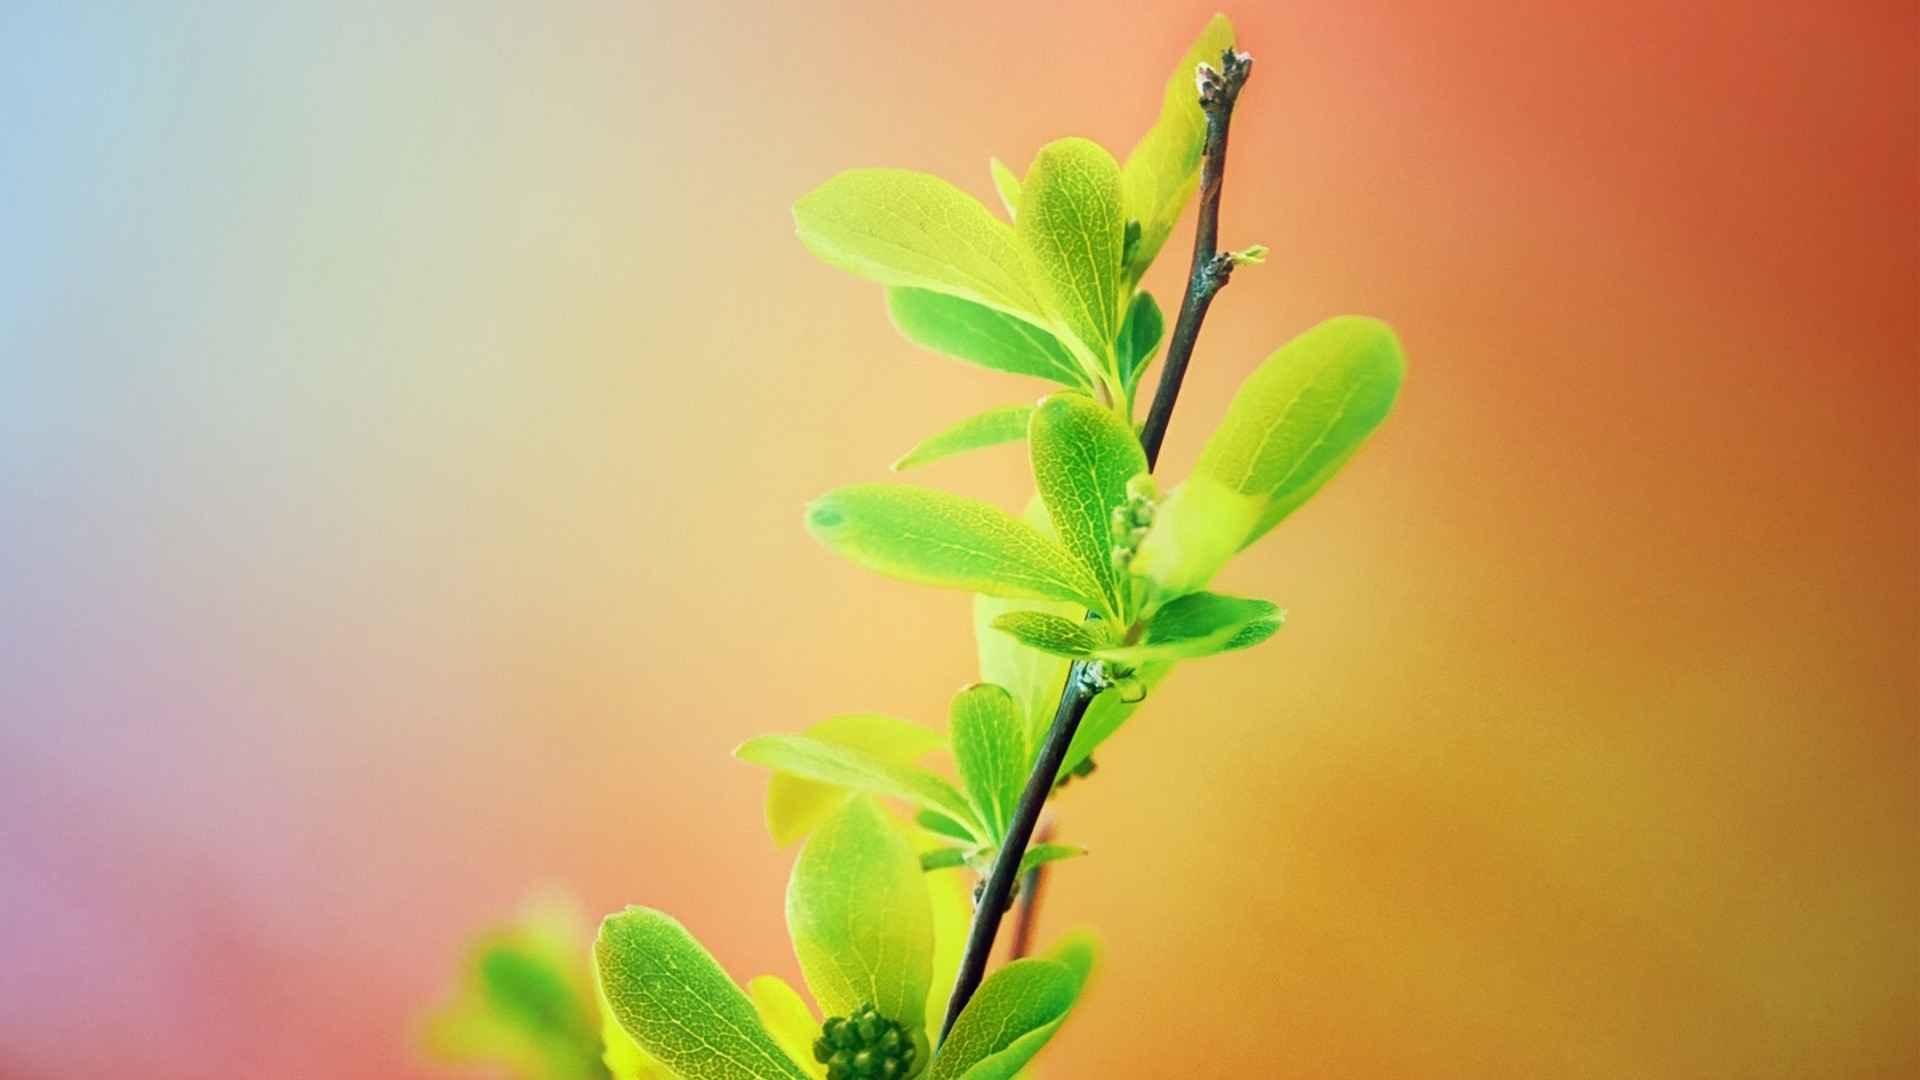 تصاویر گلهای زیبا برای پس زمینه